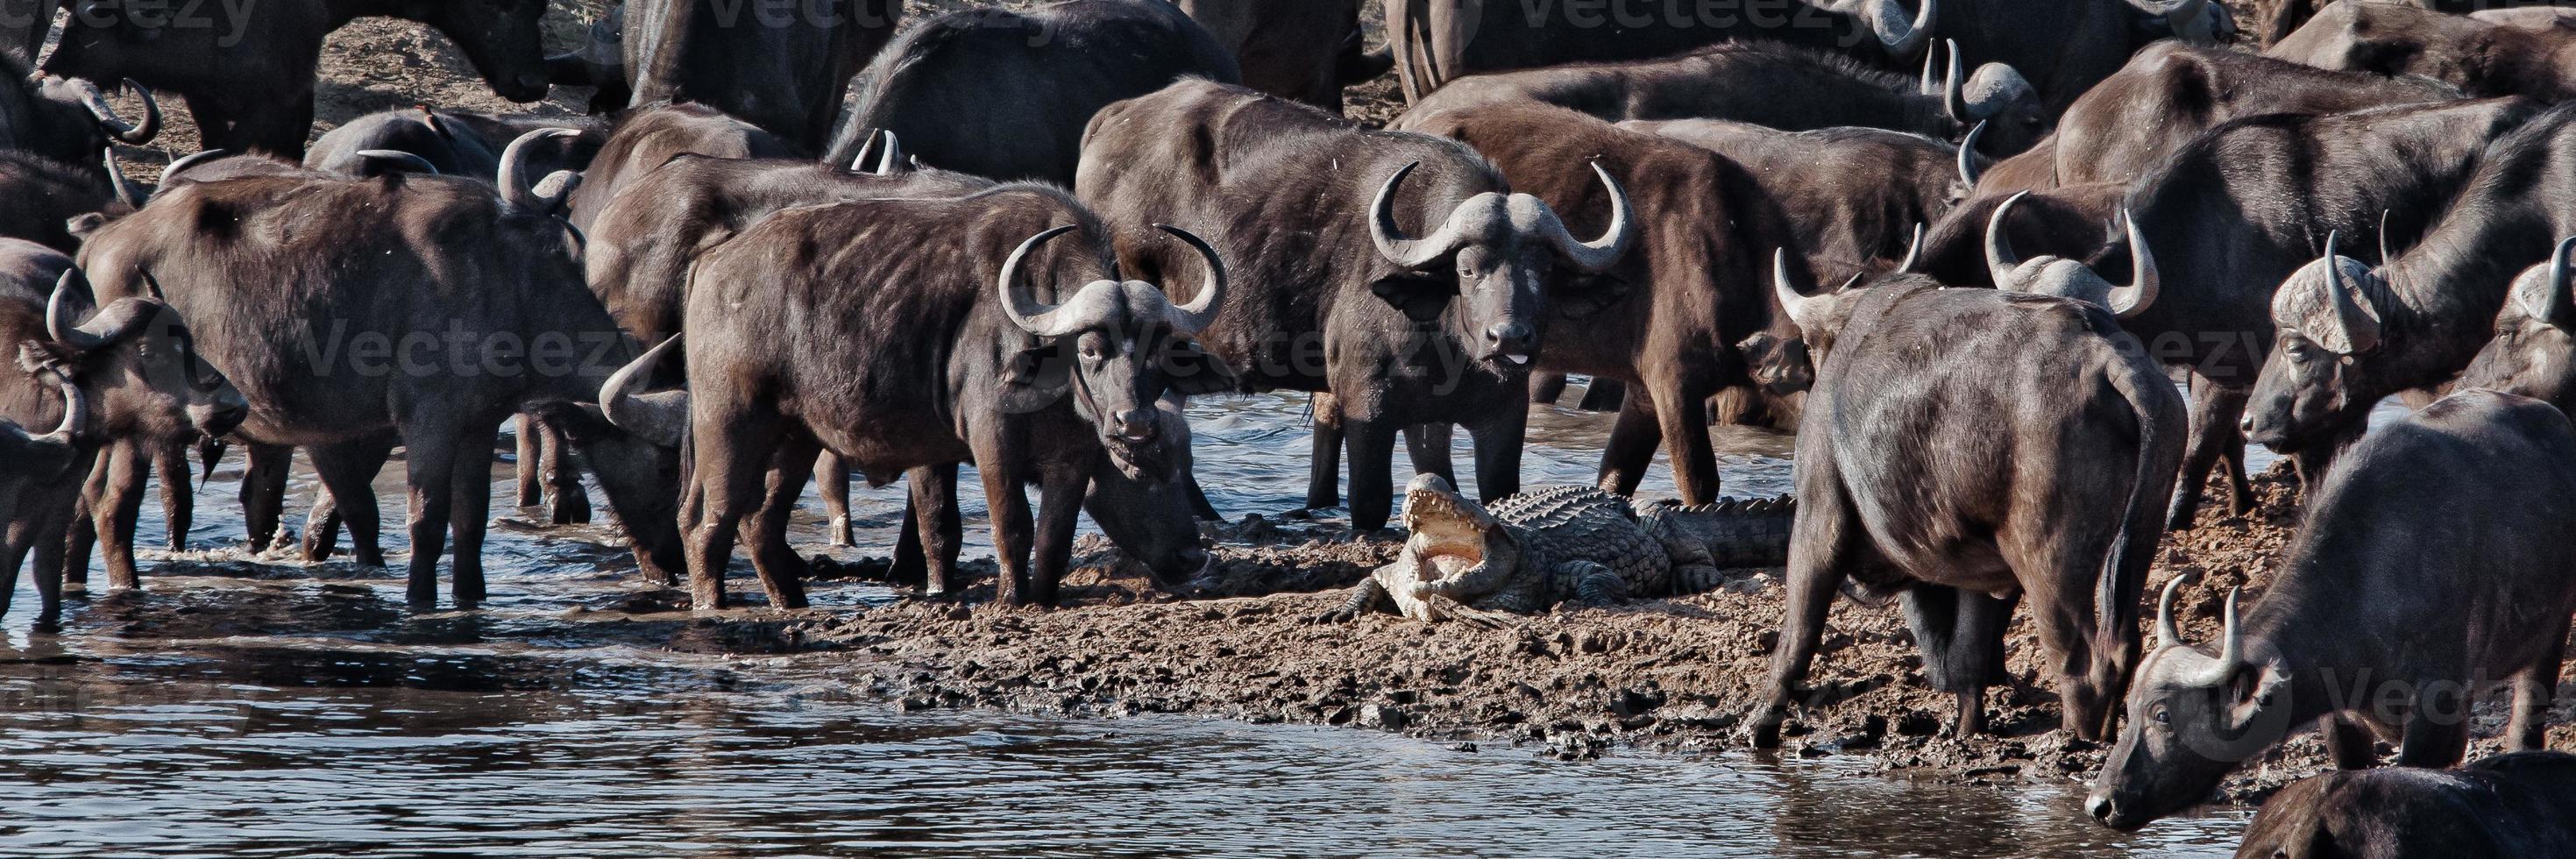 Buffalos vs Crocodile photo